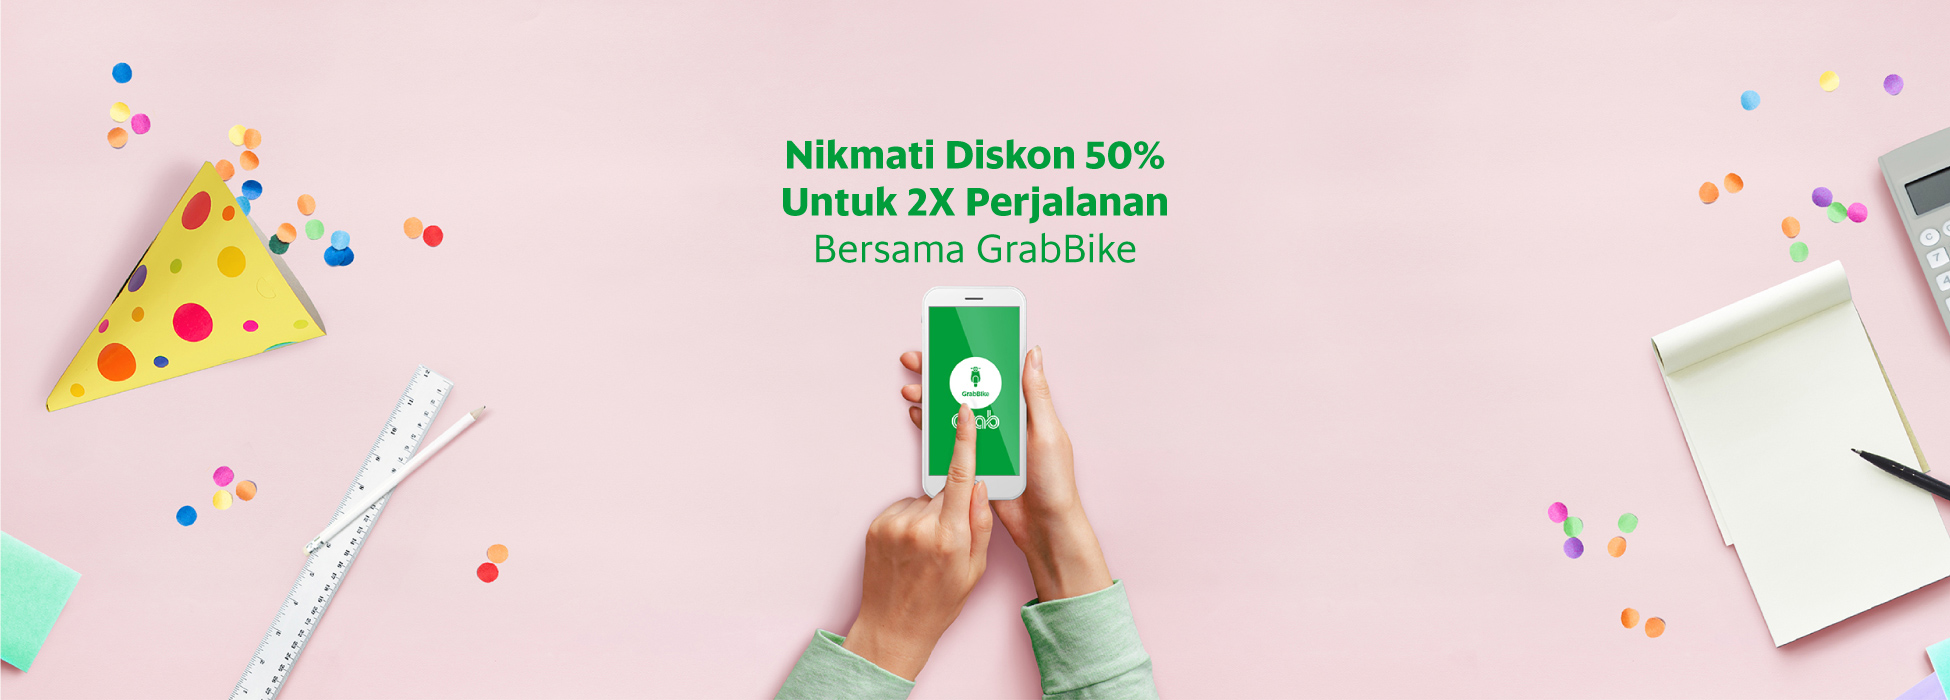 Diskon 50 Untuk 2x Perjalanan Bersama Grabbike Grab Id